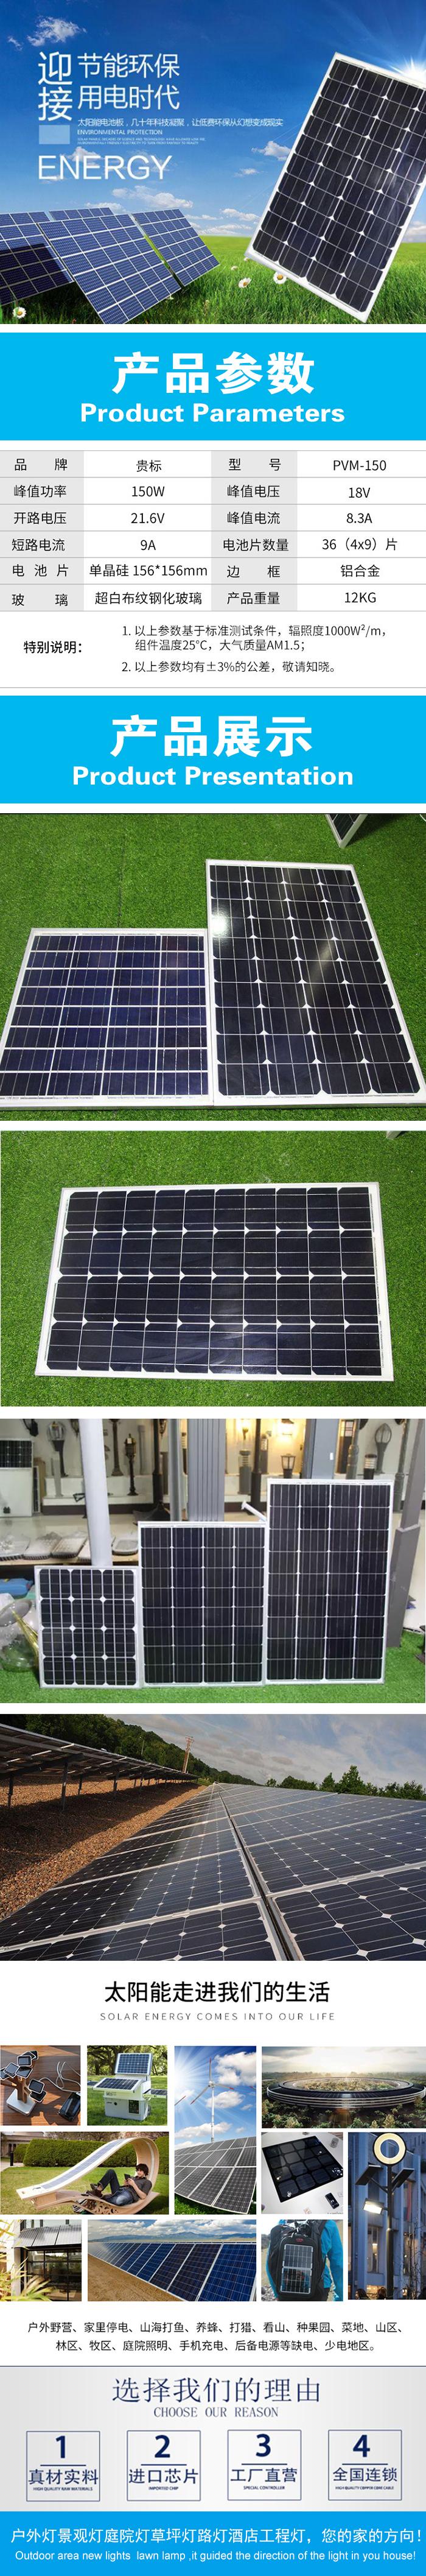 太阳能发电系统3